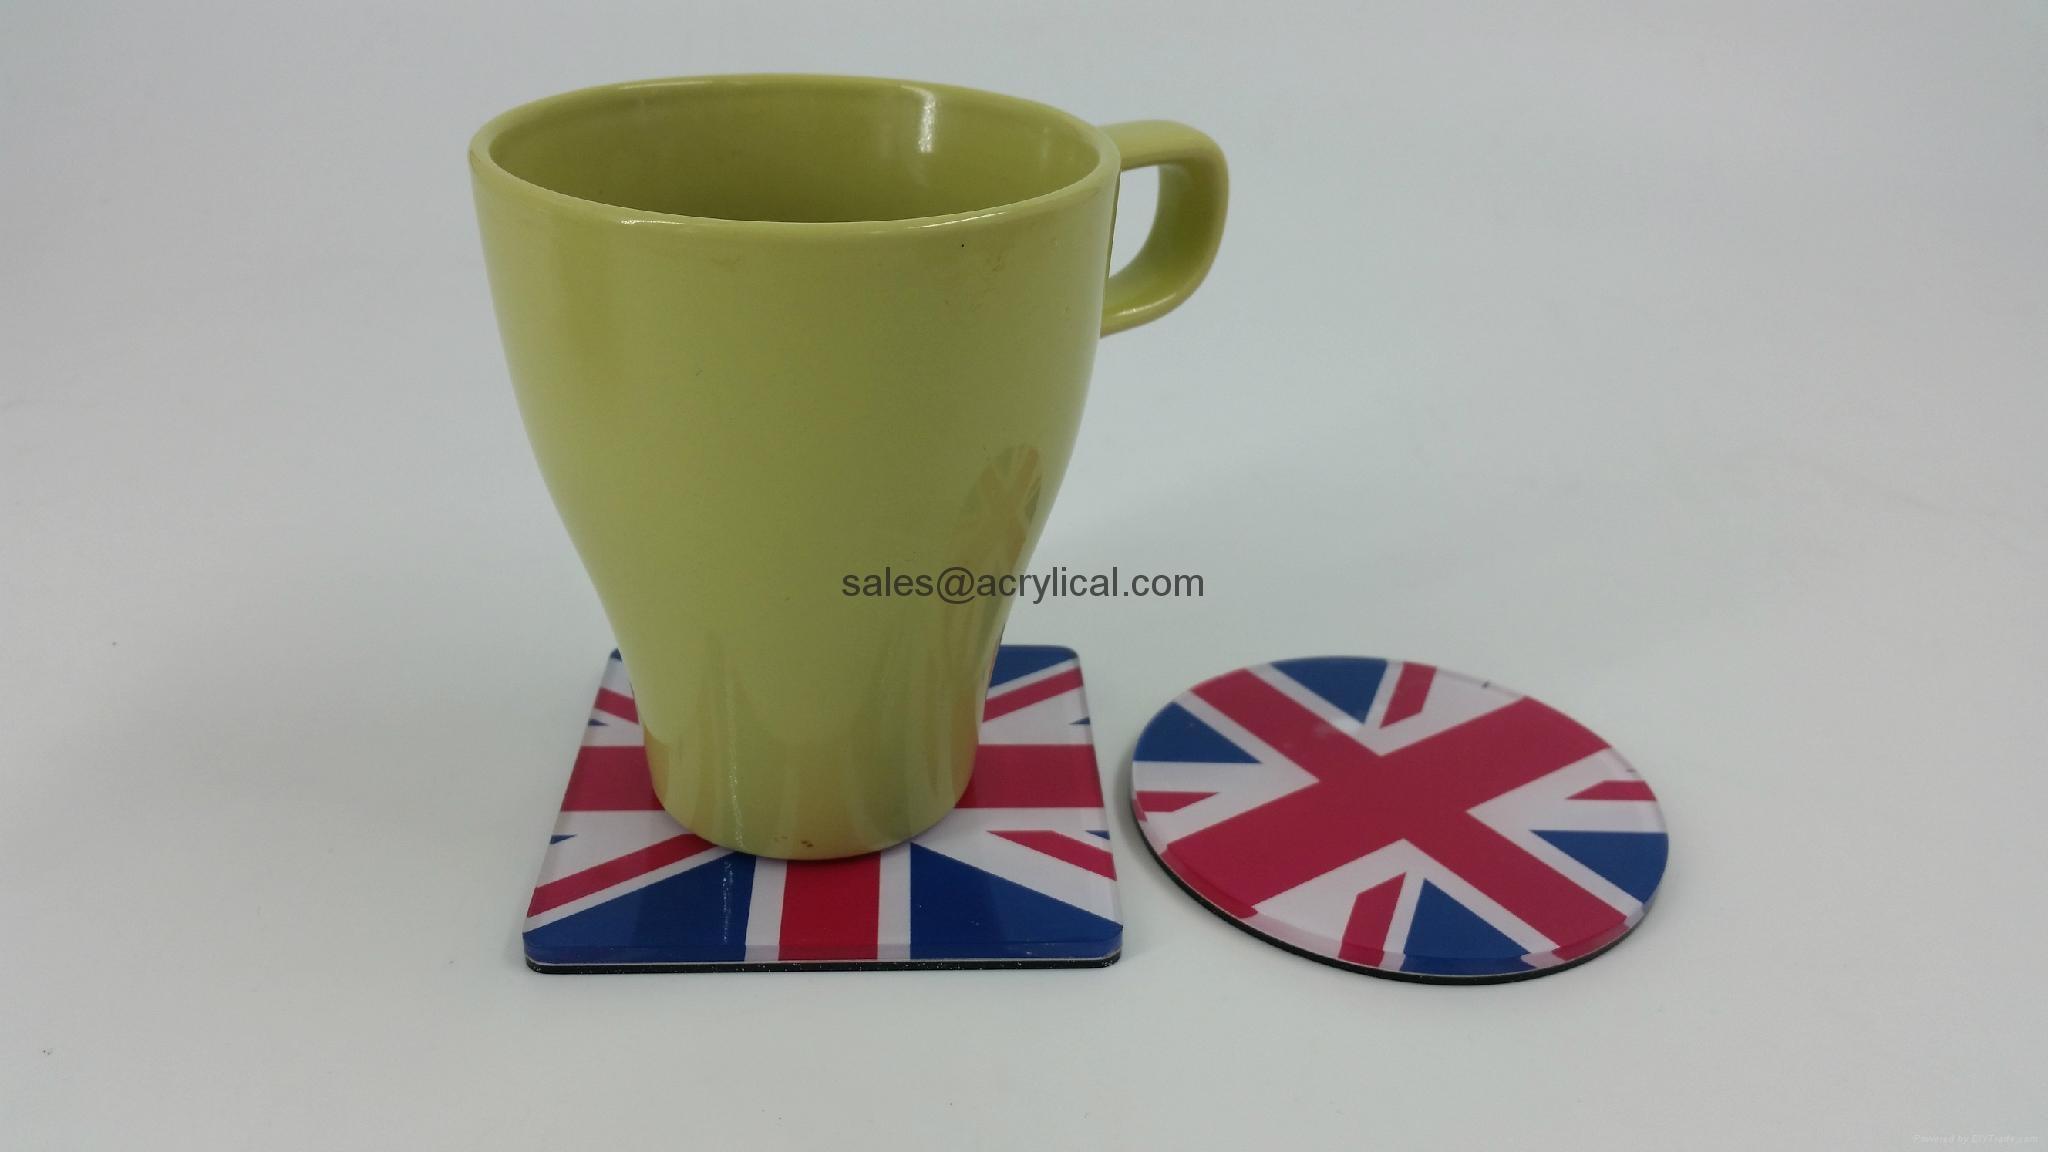 广告礼品,公司广告赠品-广告杯垫,广告礼品,公司广告赠品-广告杯垫,杯垫广告促销礼品